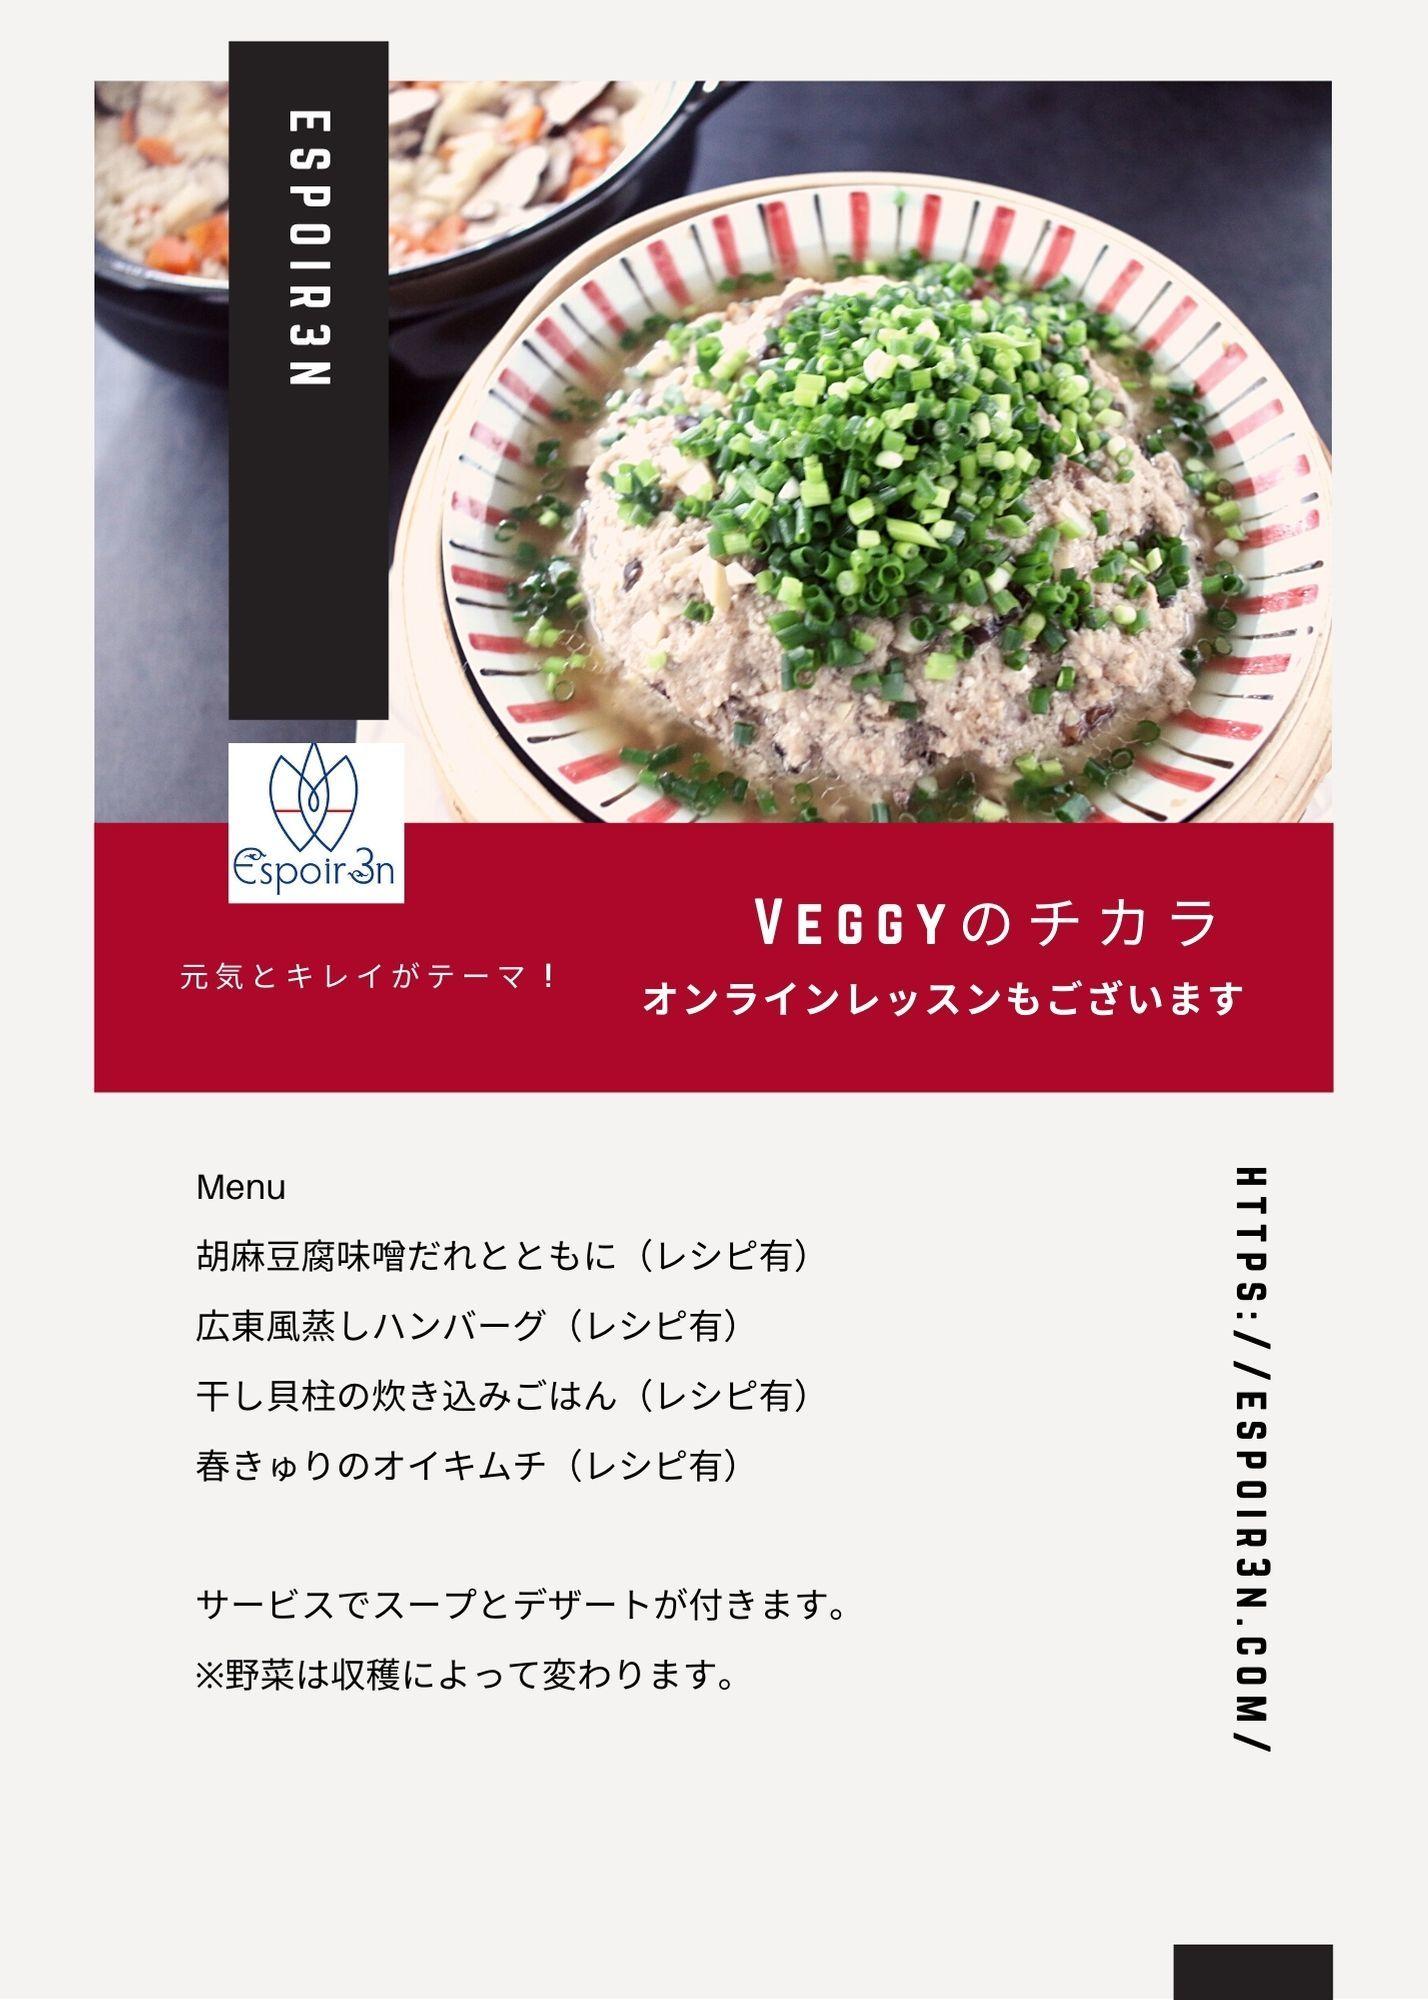 美肌と元気になれるお料理!レッツクッキング!!5月は、広東風蒸しハンバーグ。_c0162653_12520632.jpg